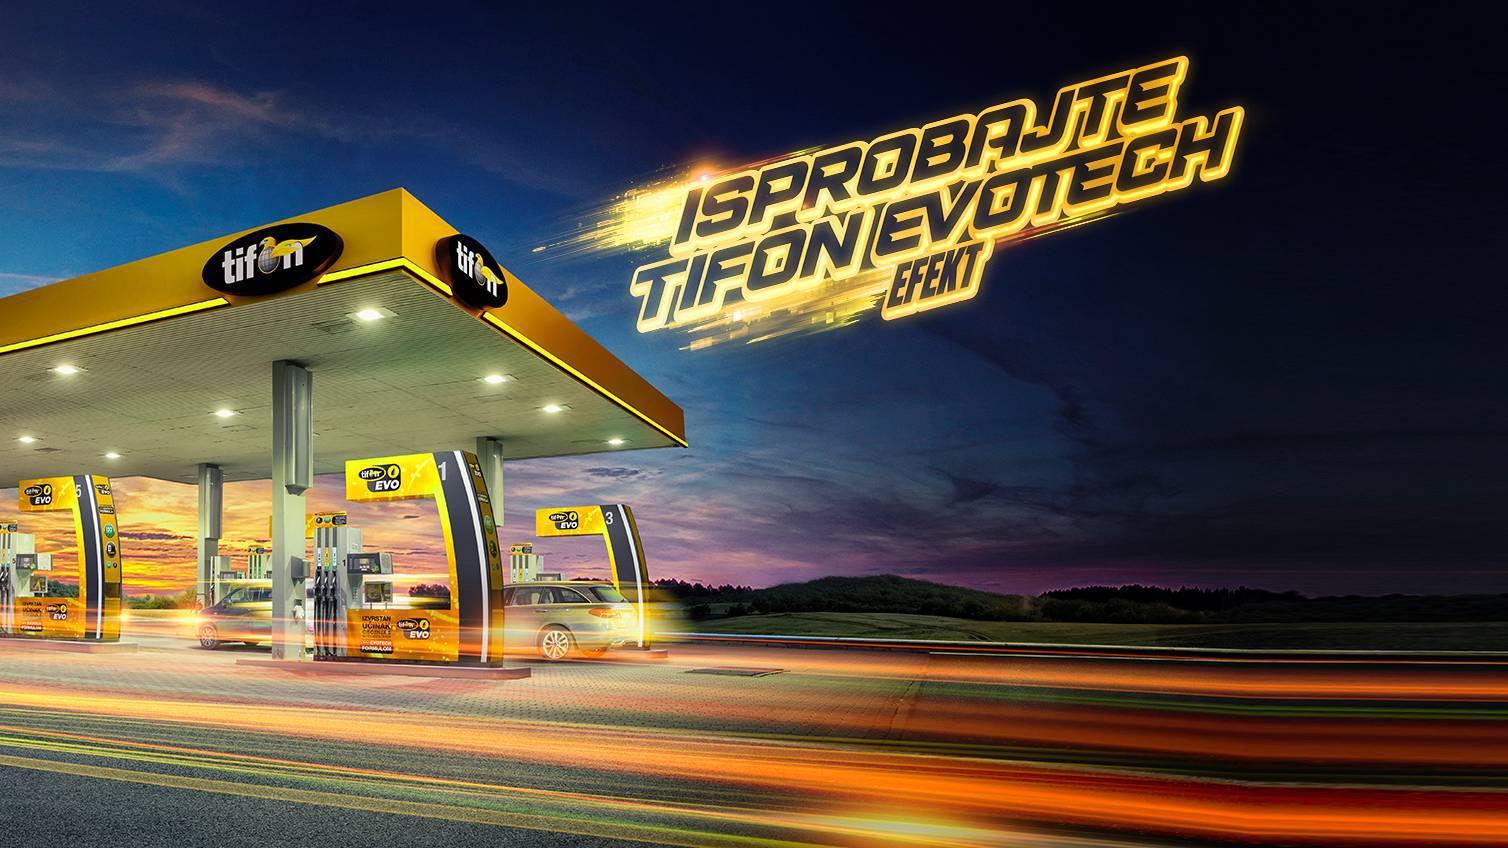 Tifon je najveća mreža benzinskih postaja koja nudi isključivo goriva s aditivima